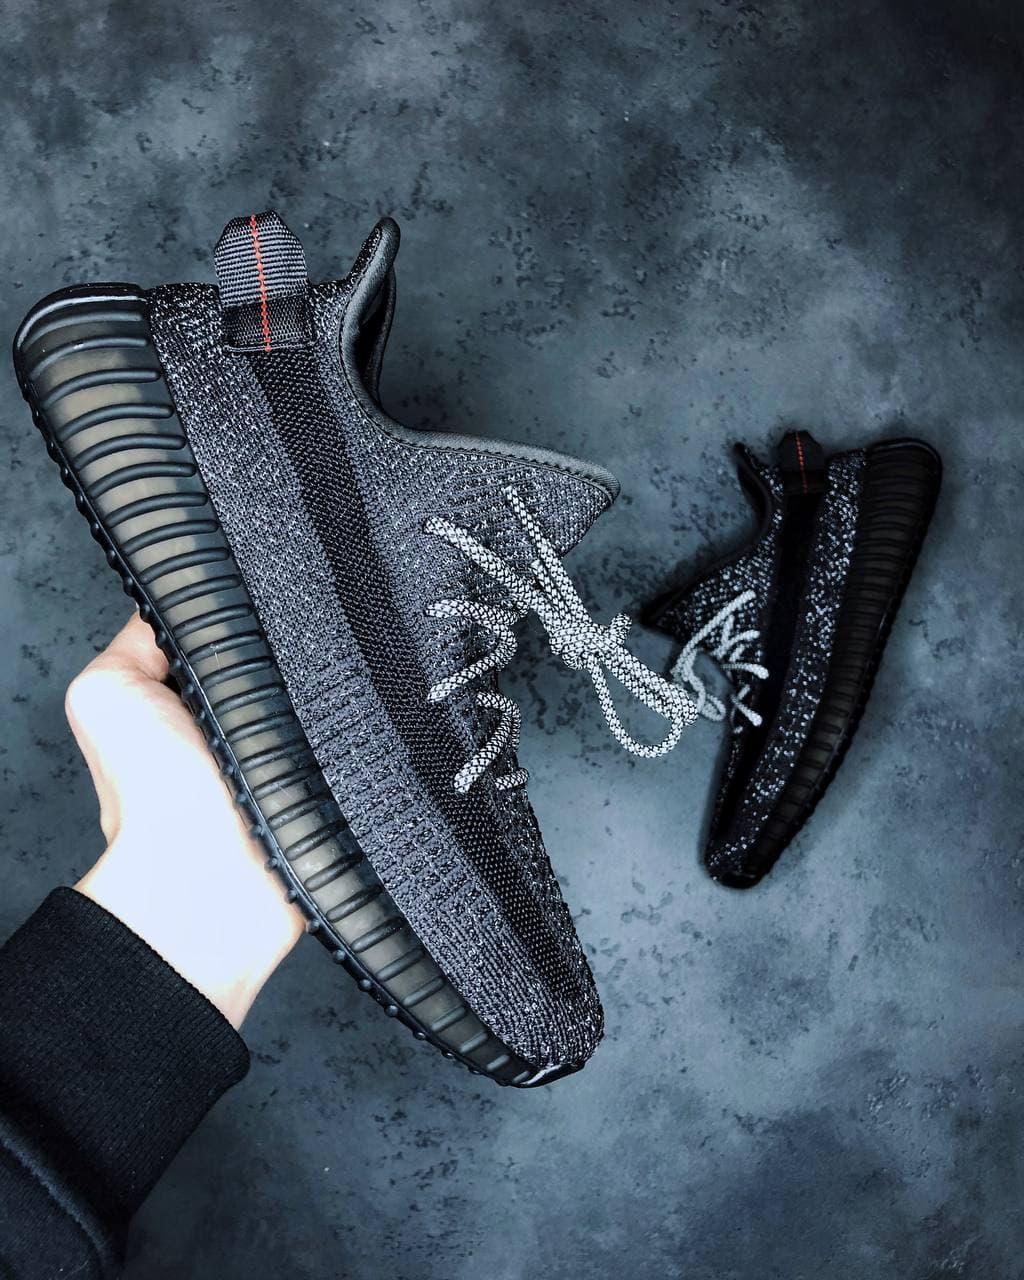 Жіночі кросівки Adidas Yeezy Boost 350 V2 \ Адідас Ізі Буст 350 Чорні \ Жіночі кросівки Адідас Ізі Буст 350